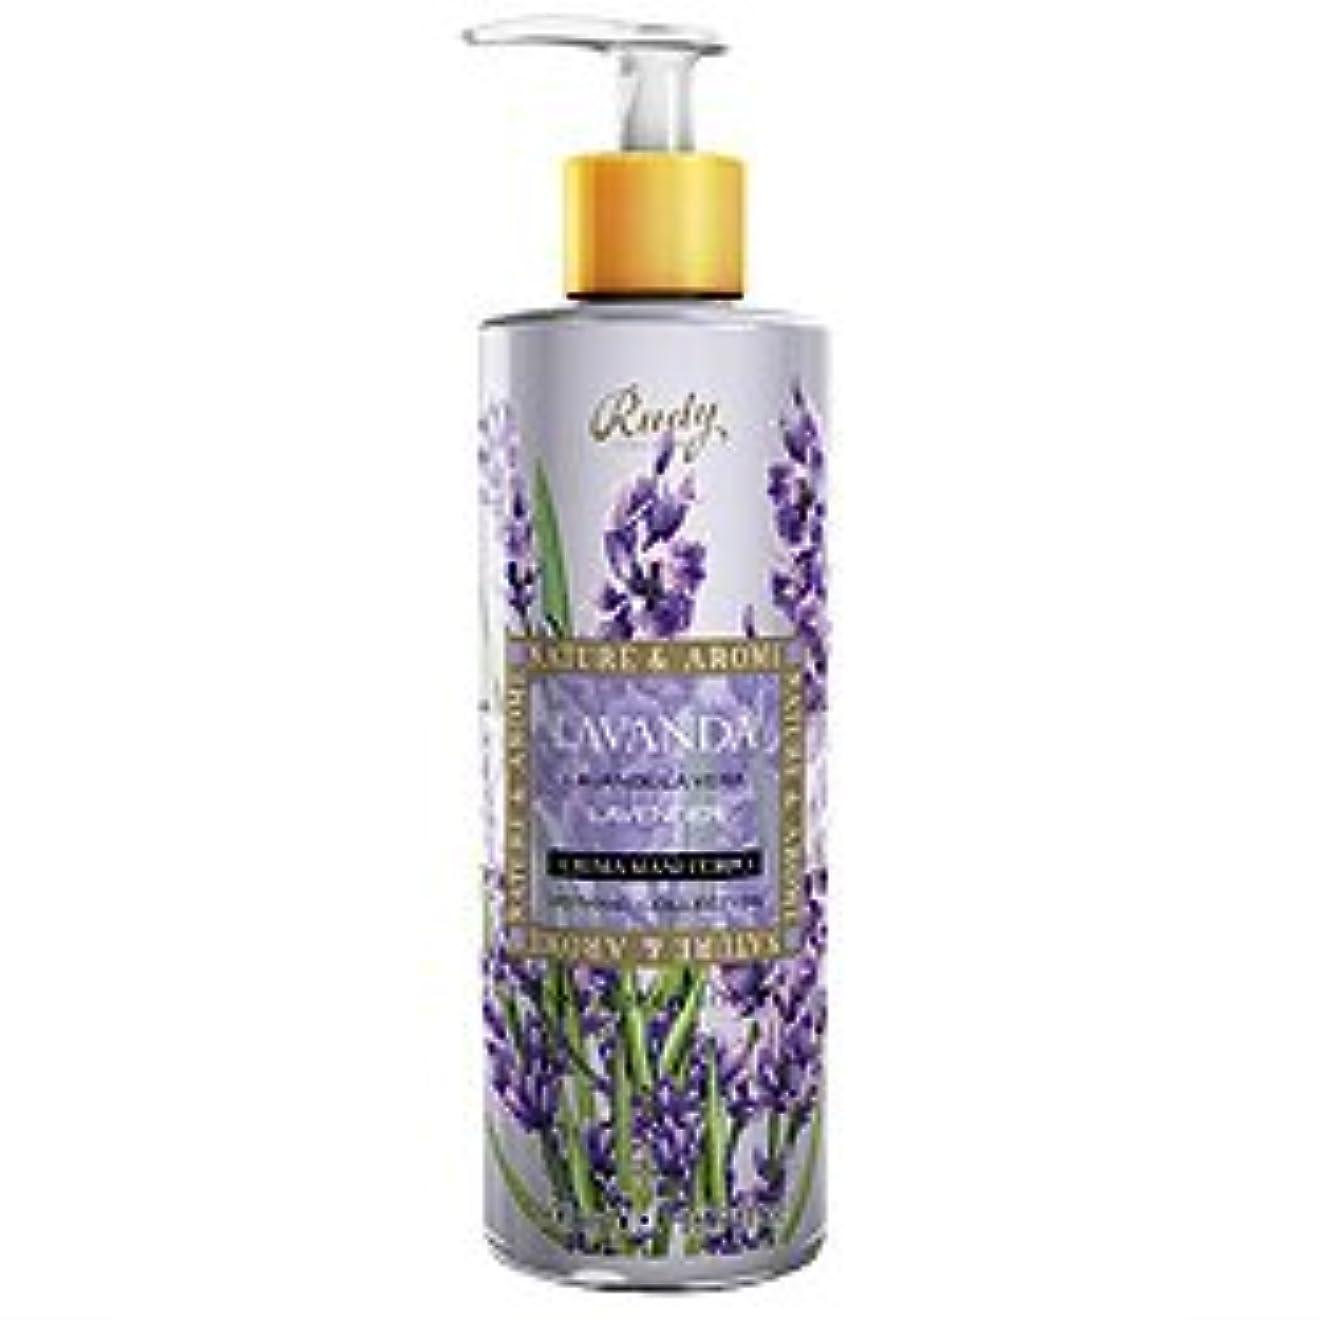 おじさんスクラップ化合物ルディ(Rudy) ナチュール&アロマ ハンド&ボディローション ラベンダー 500ml 【並行輸入品】 RUDY Nature&Arome SERIES Hand&Body lotion Lavender